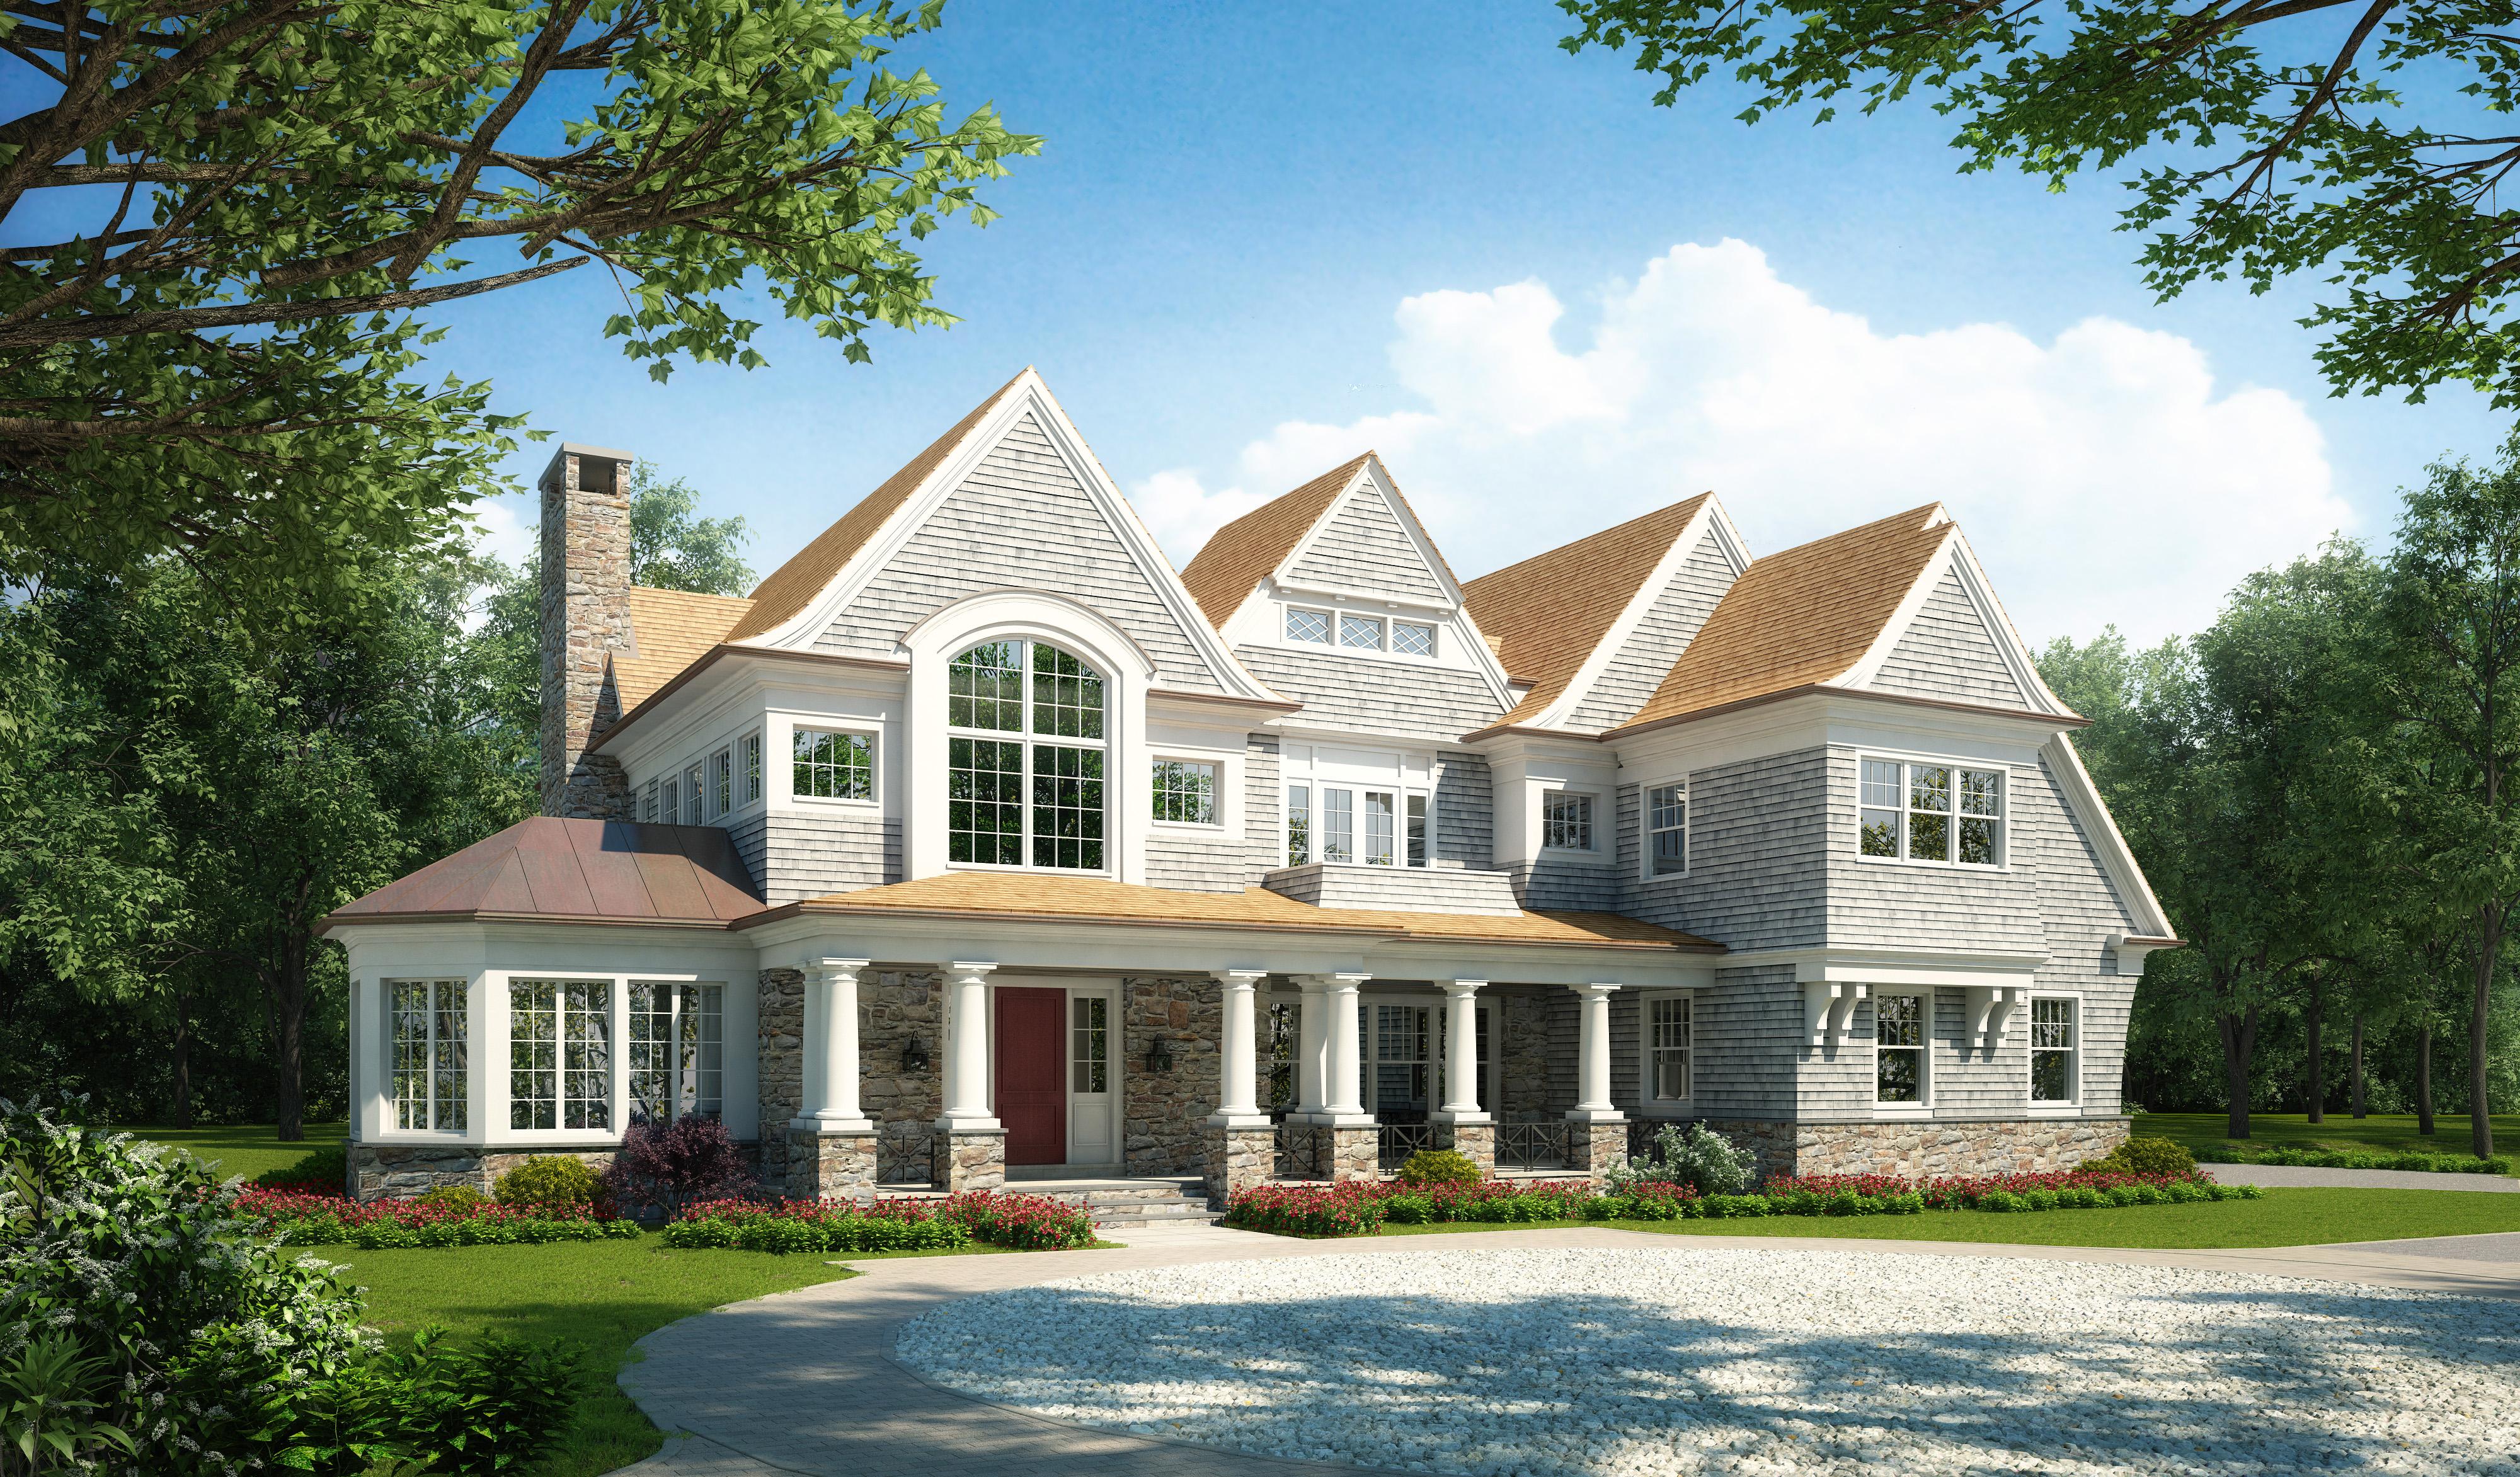 独户住宅 为 销售 在 96 Forest Avenue 拉伊, 纽约州, 10580 美国